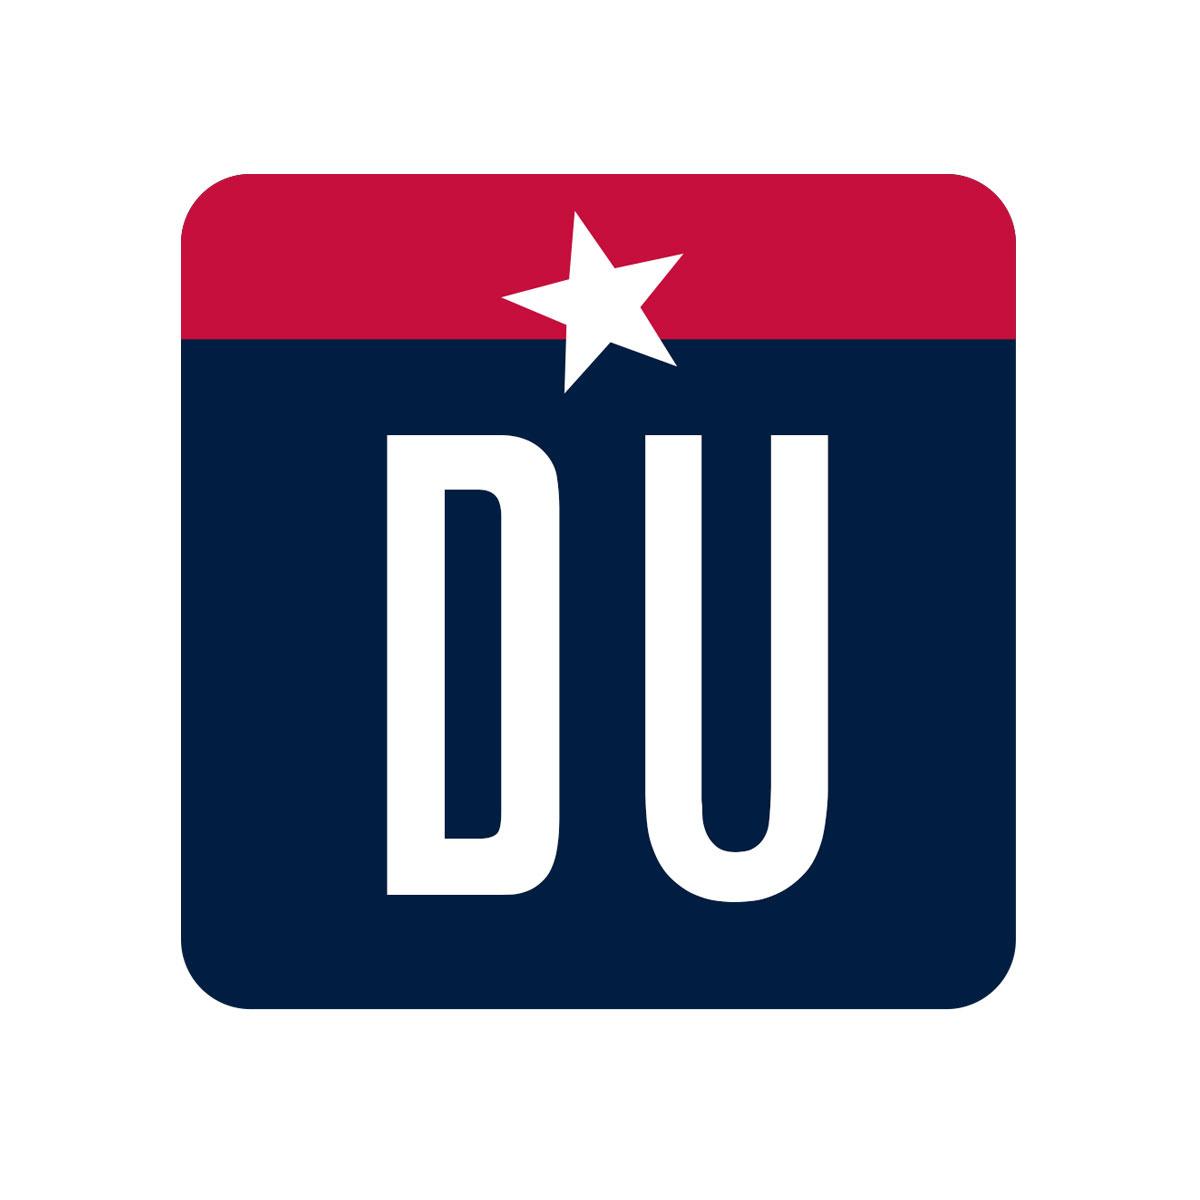 https://0201.nccdn.net/1_2/000/000/0d2/9ff/IG_app_usa_logo_du-1200x1200.jpg